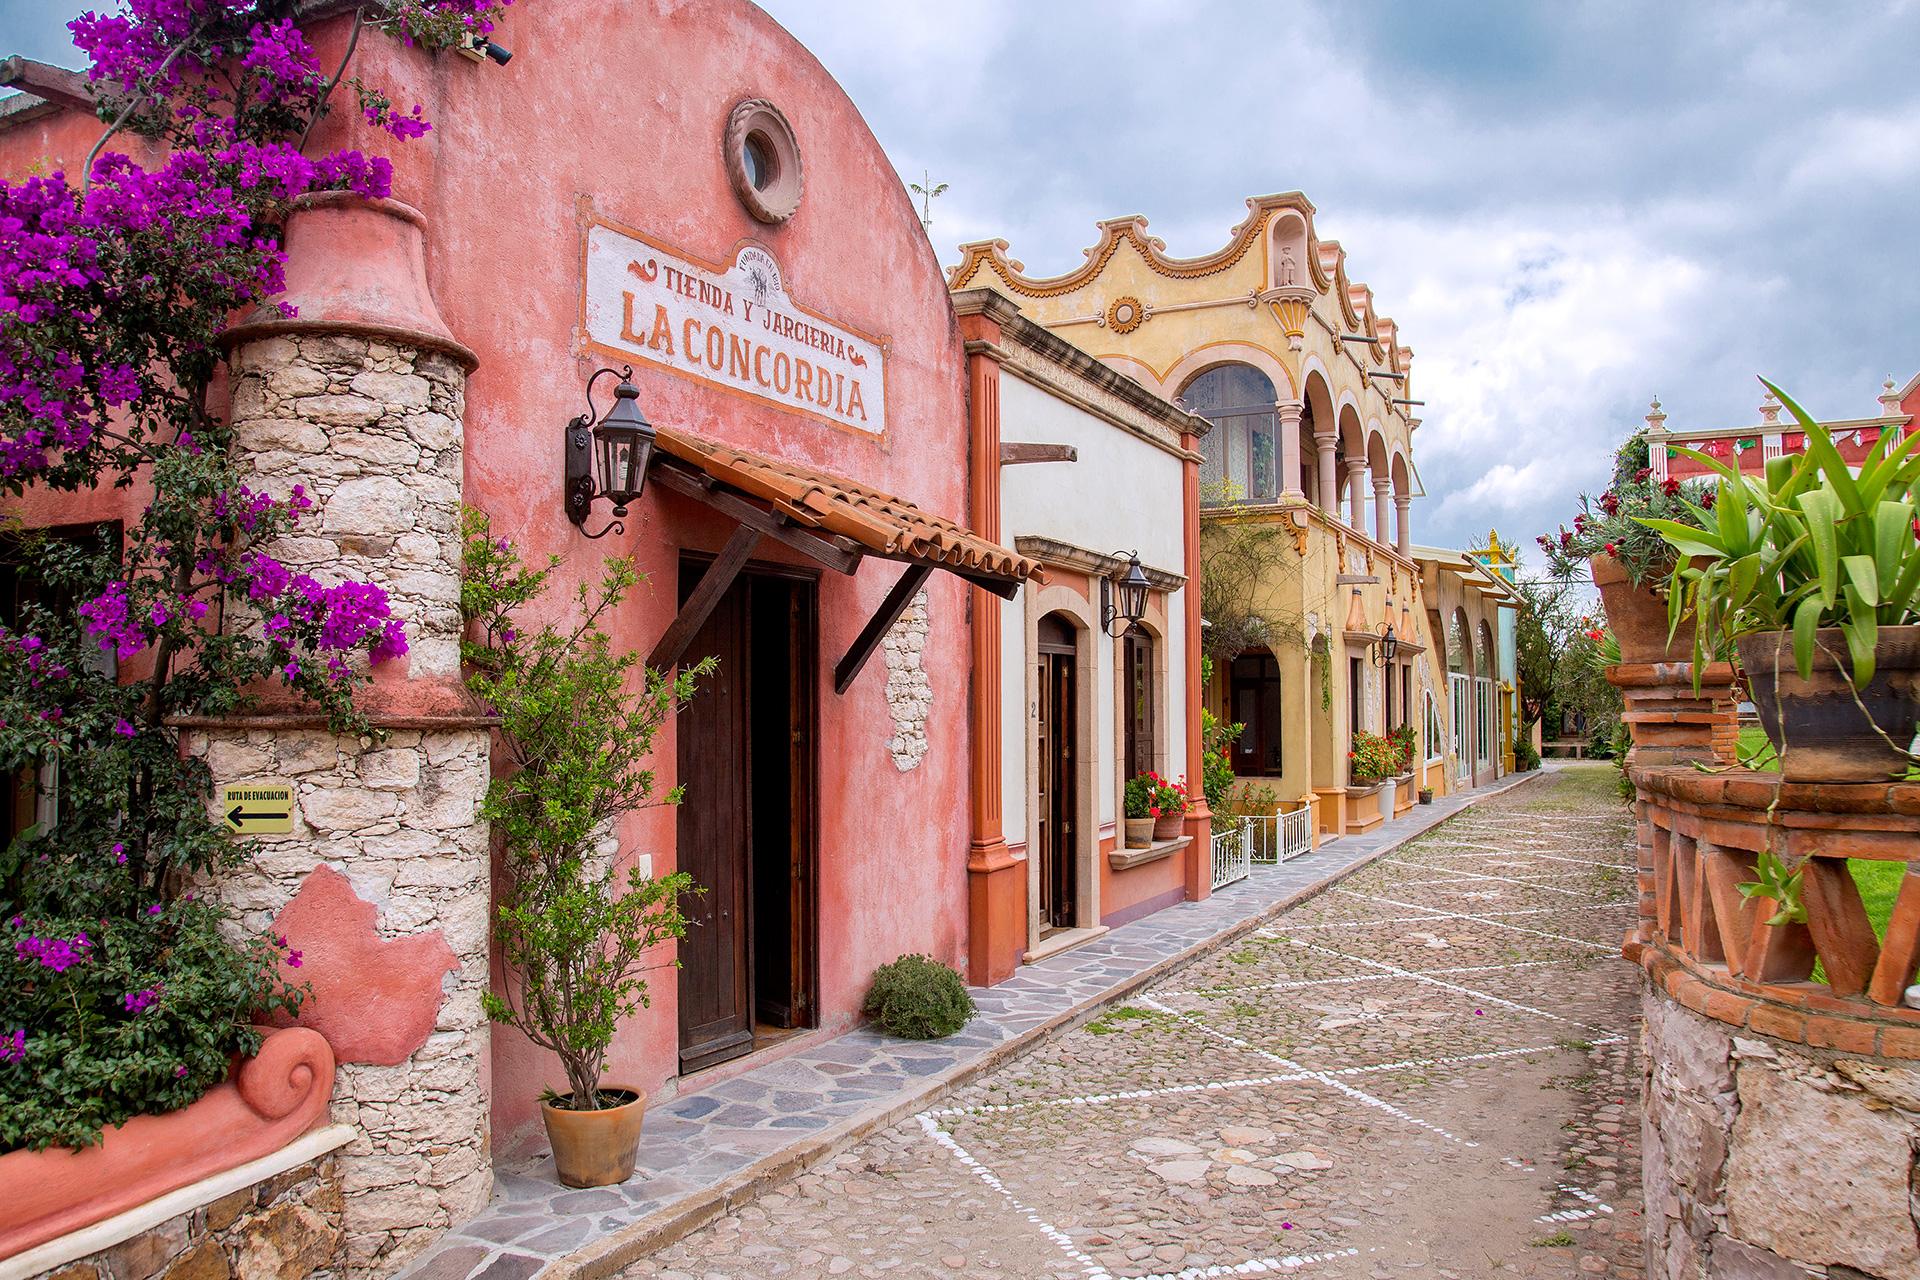 El hotel de Peña de Bernal que emula un pintoresco pueblito mexicano